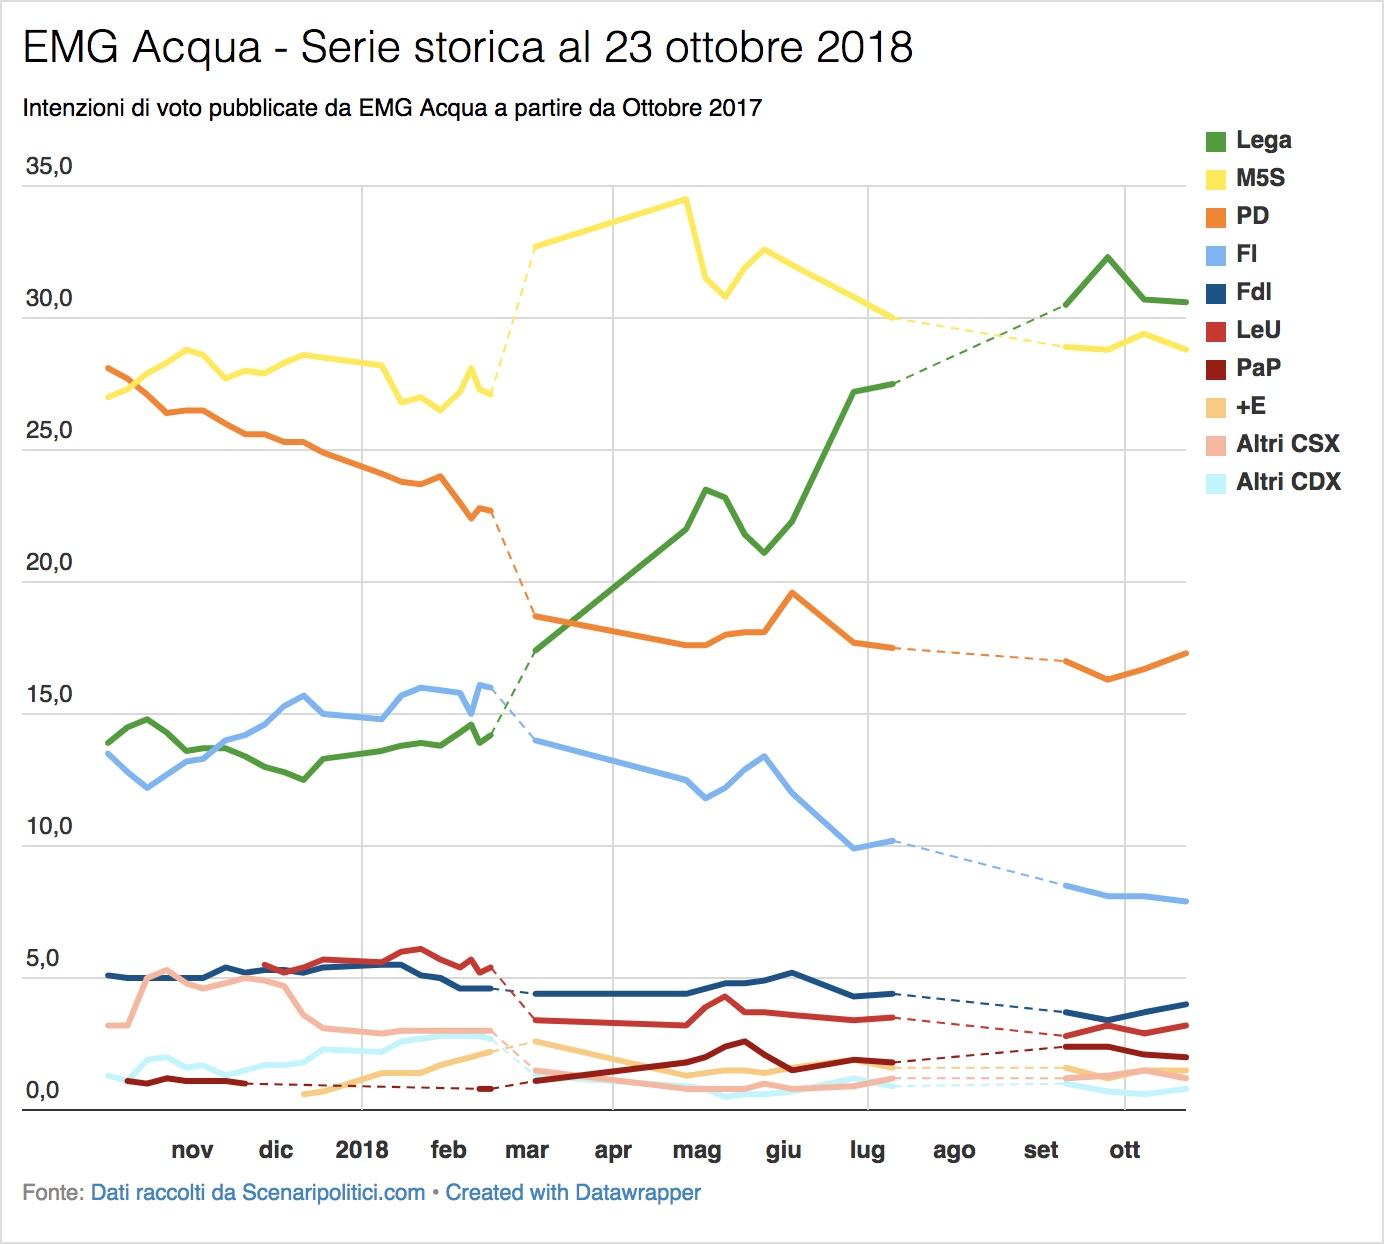 Sondaggio EMG Acqua (23 ottobre 2018)